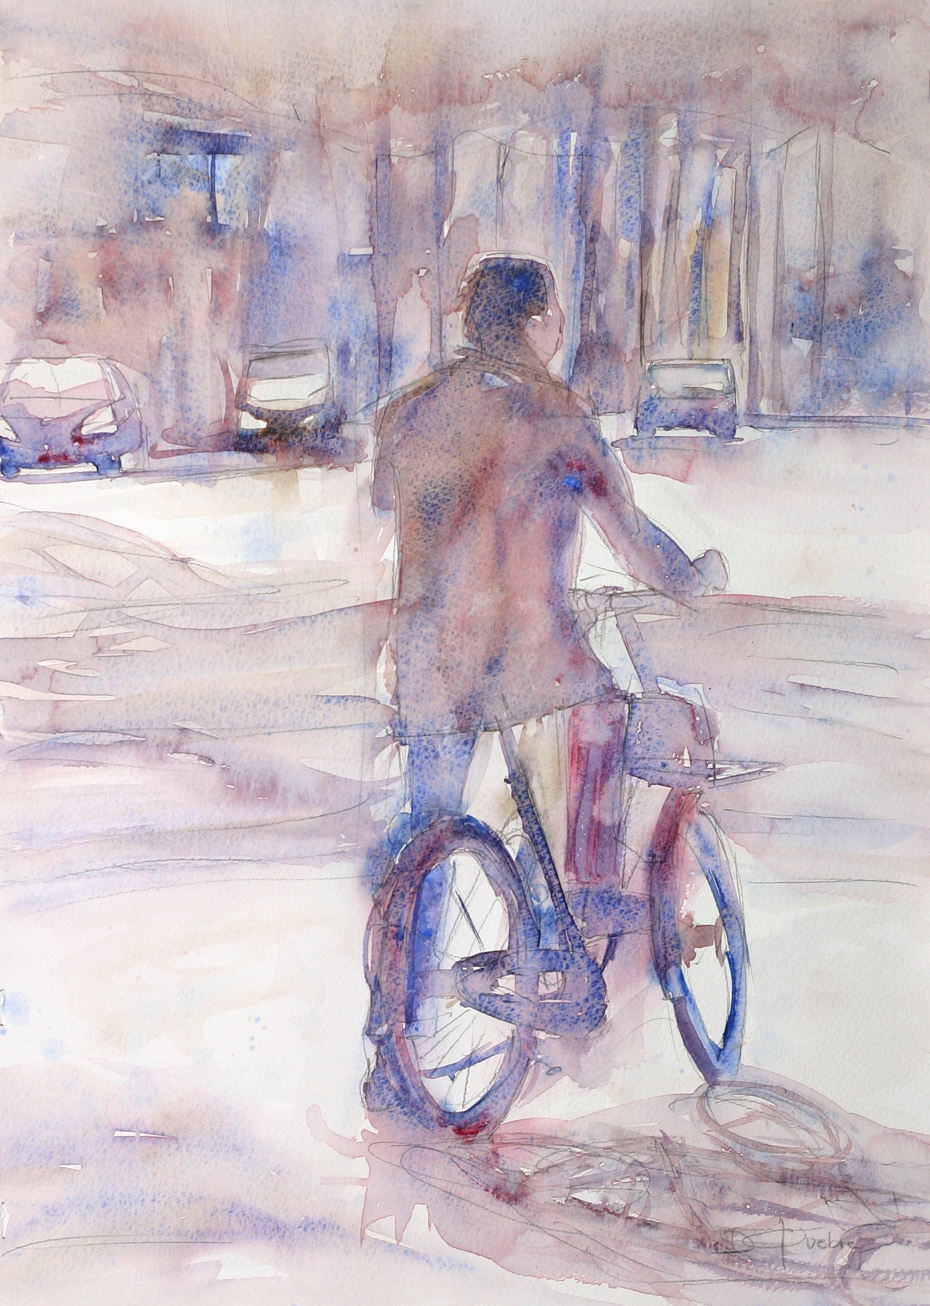 Octobre 2015 - Le cycliste